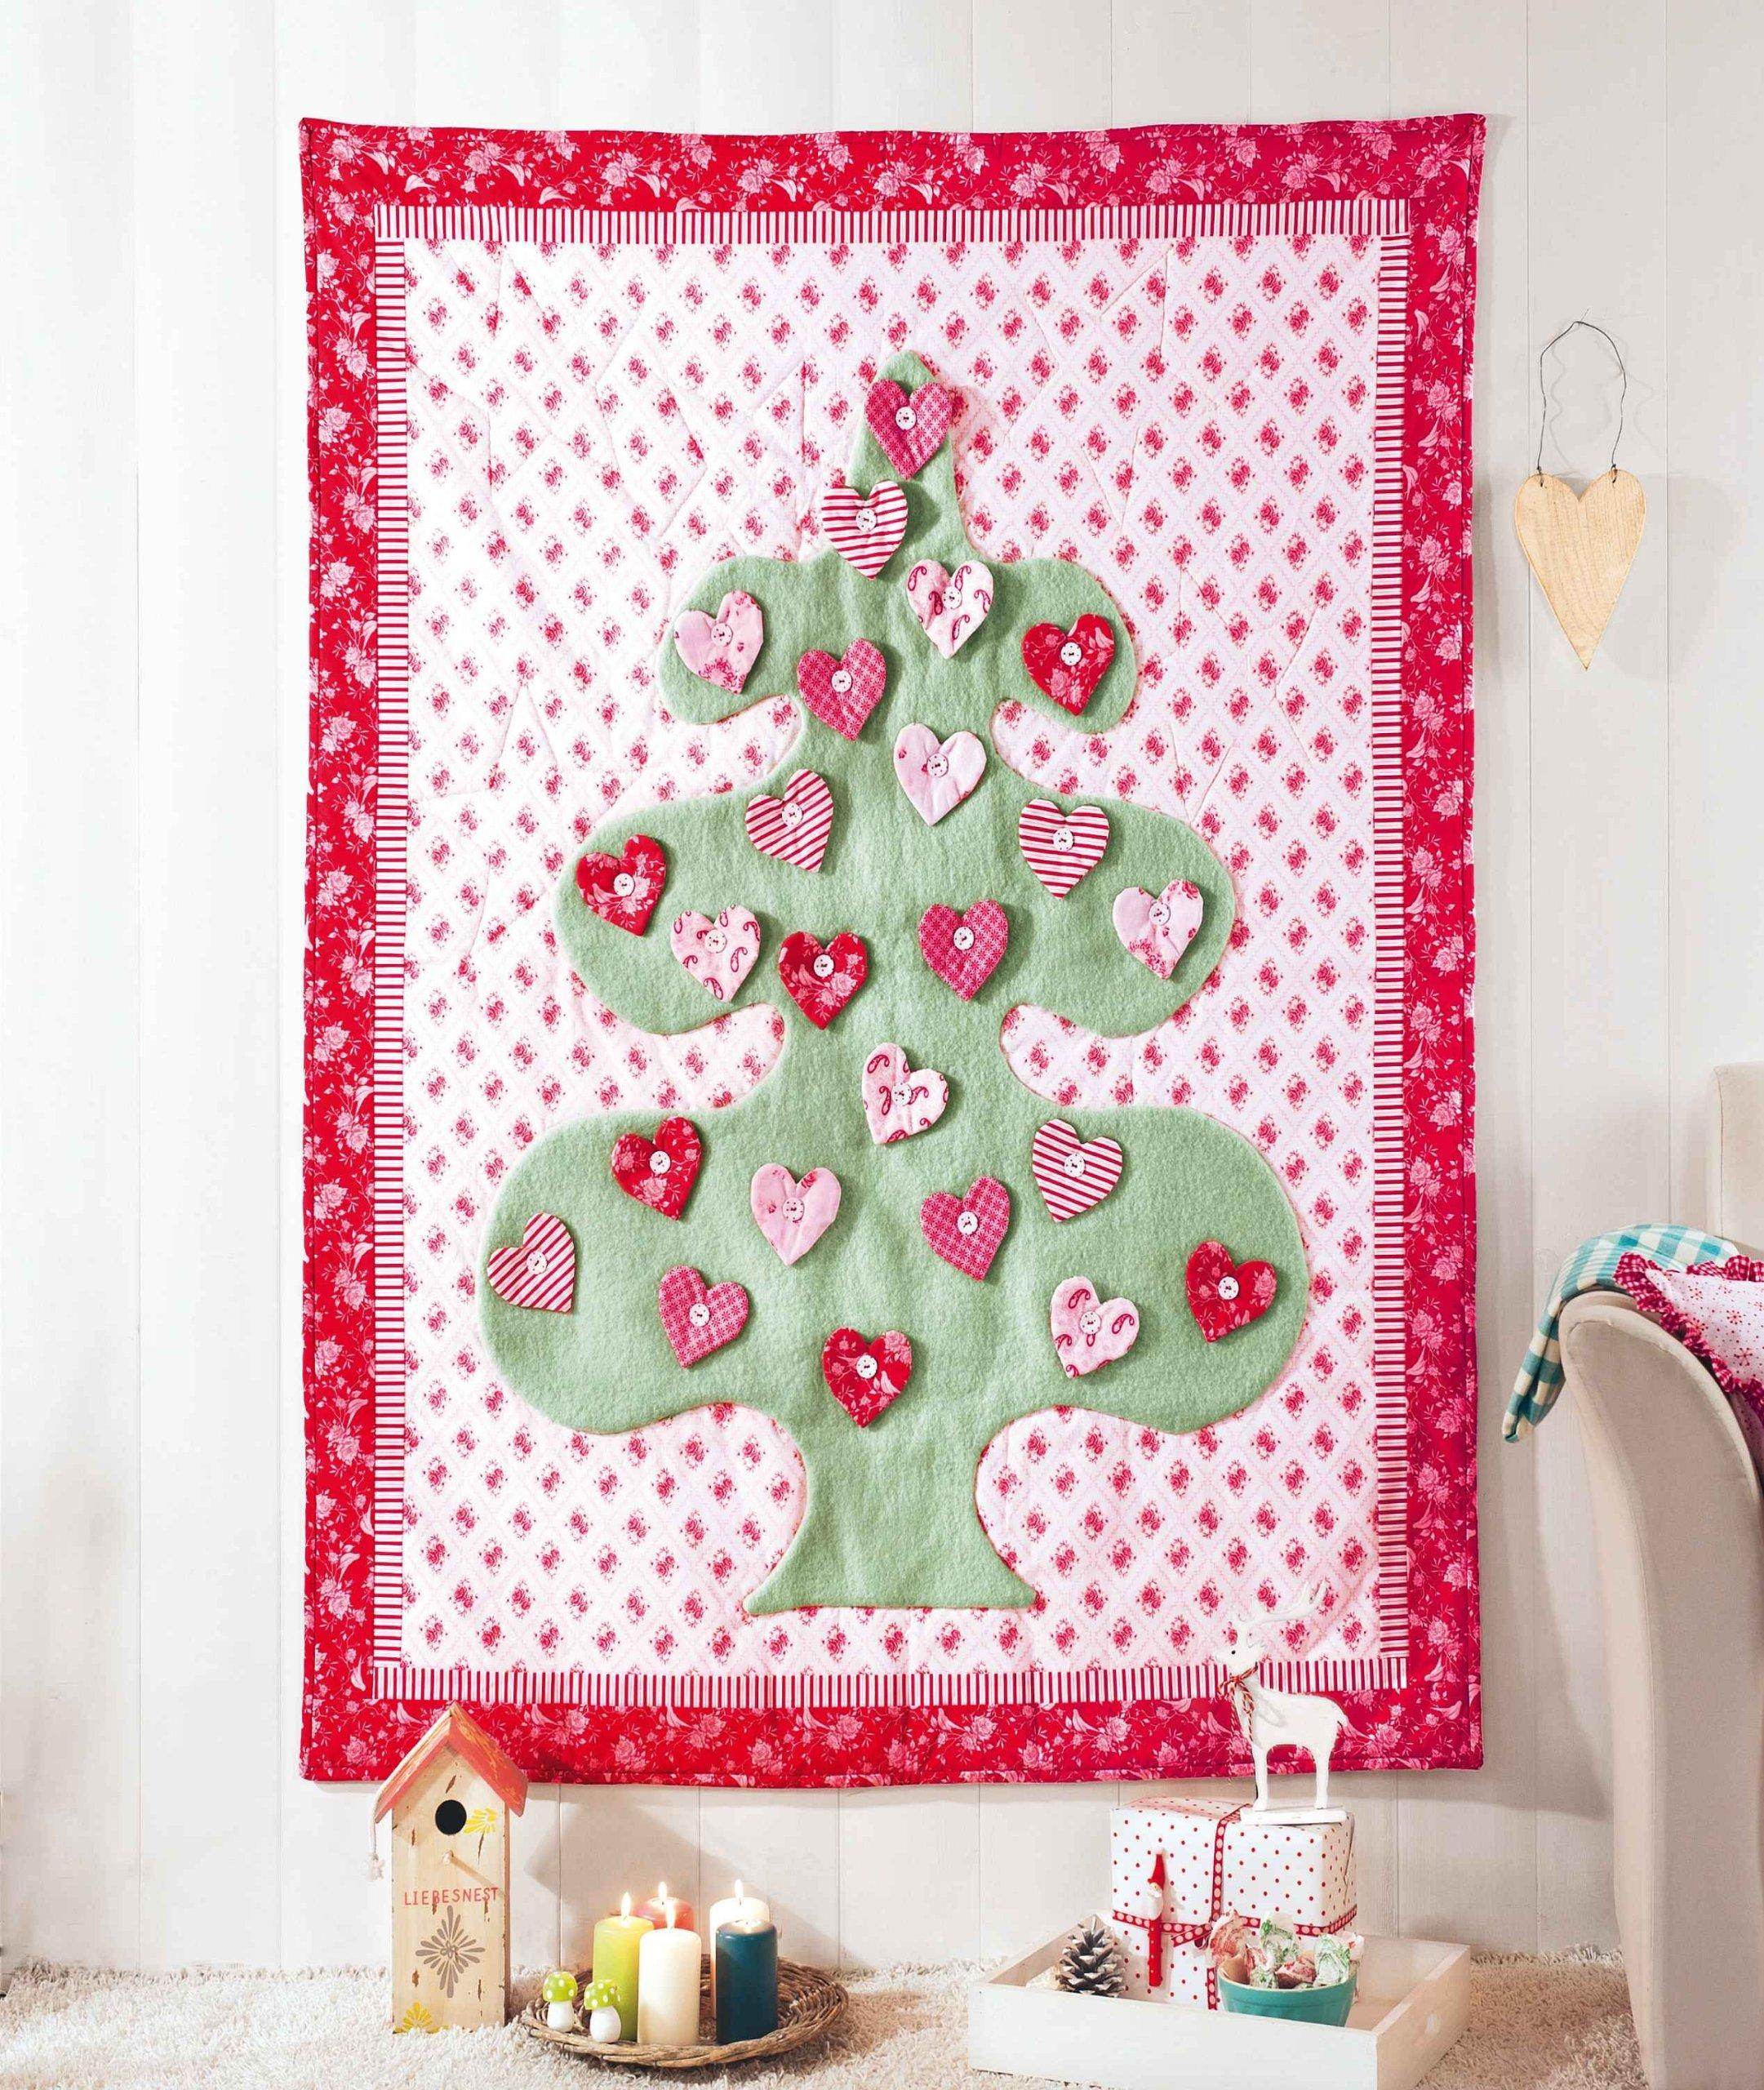 Labores creativas para decorar la casa en Navidad: MAZEK ...